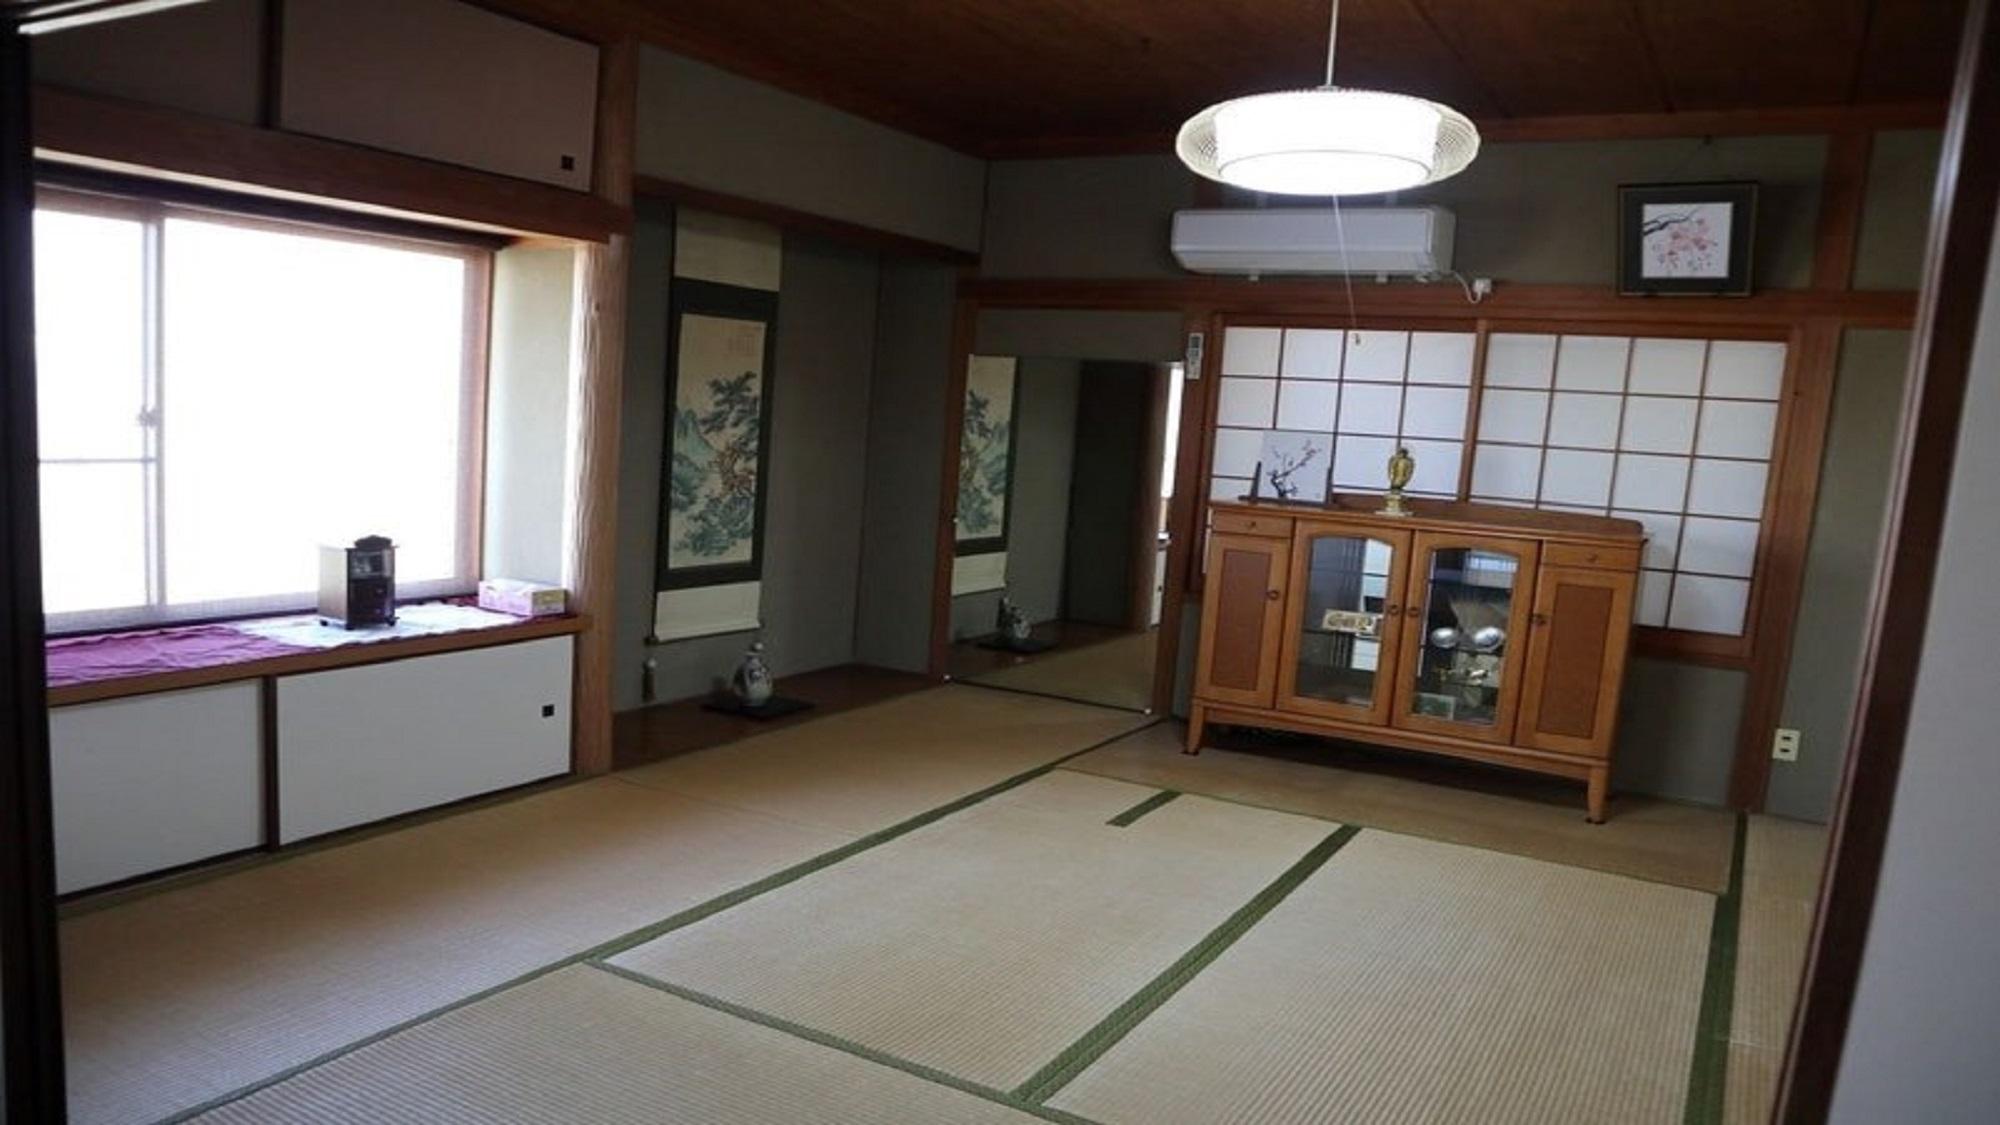 1棟貸しの宿 遠藤【Vacation STAY提供】の施設画像